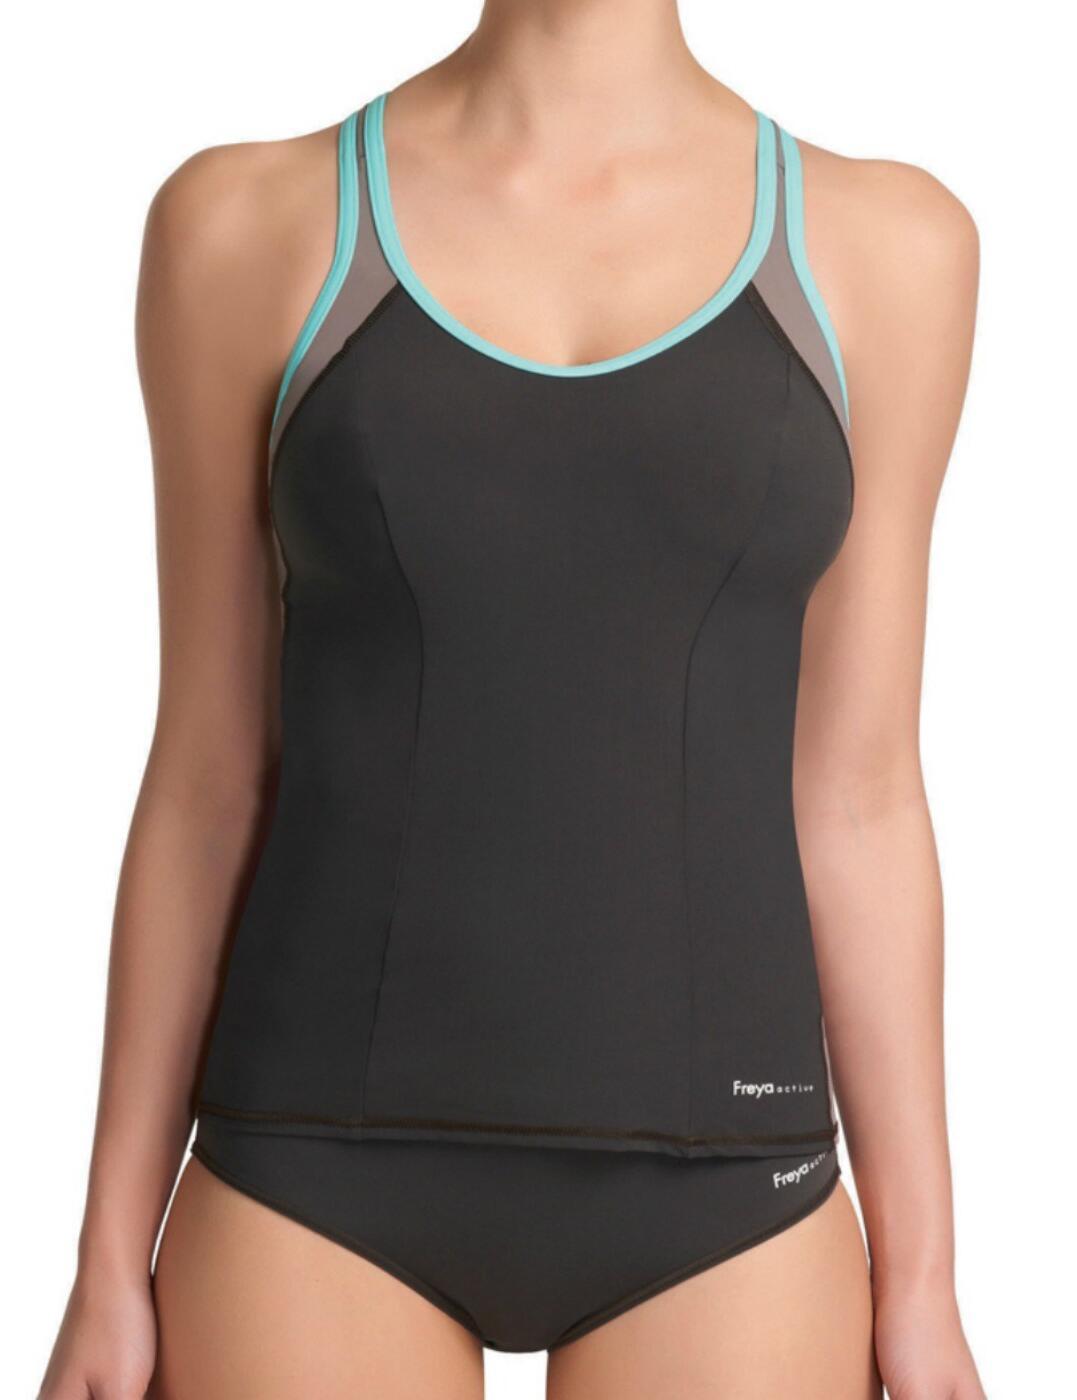 3184 Freya Active Swim Tankini Top Mocha - 3184 Mocha